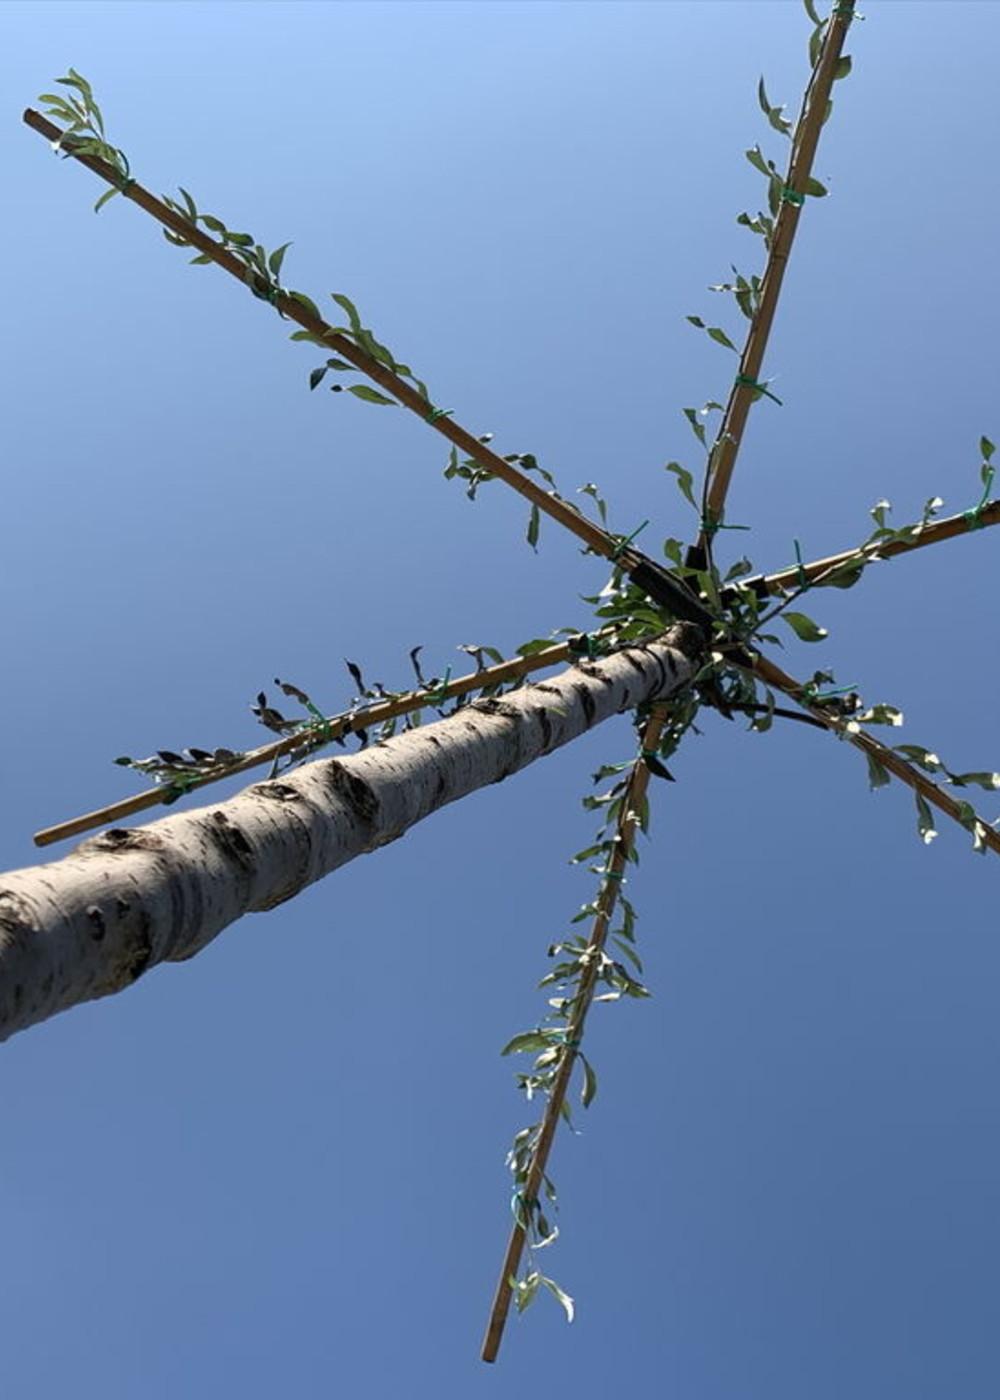 Weidenblättrige Birne Dachbaum | Hängende Wildbirne | Pyrus salicifolia 'Pendula' Dachbaum